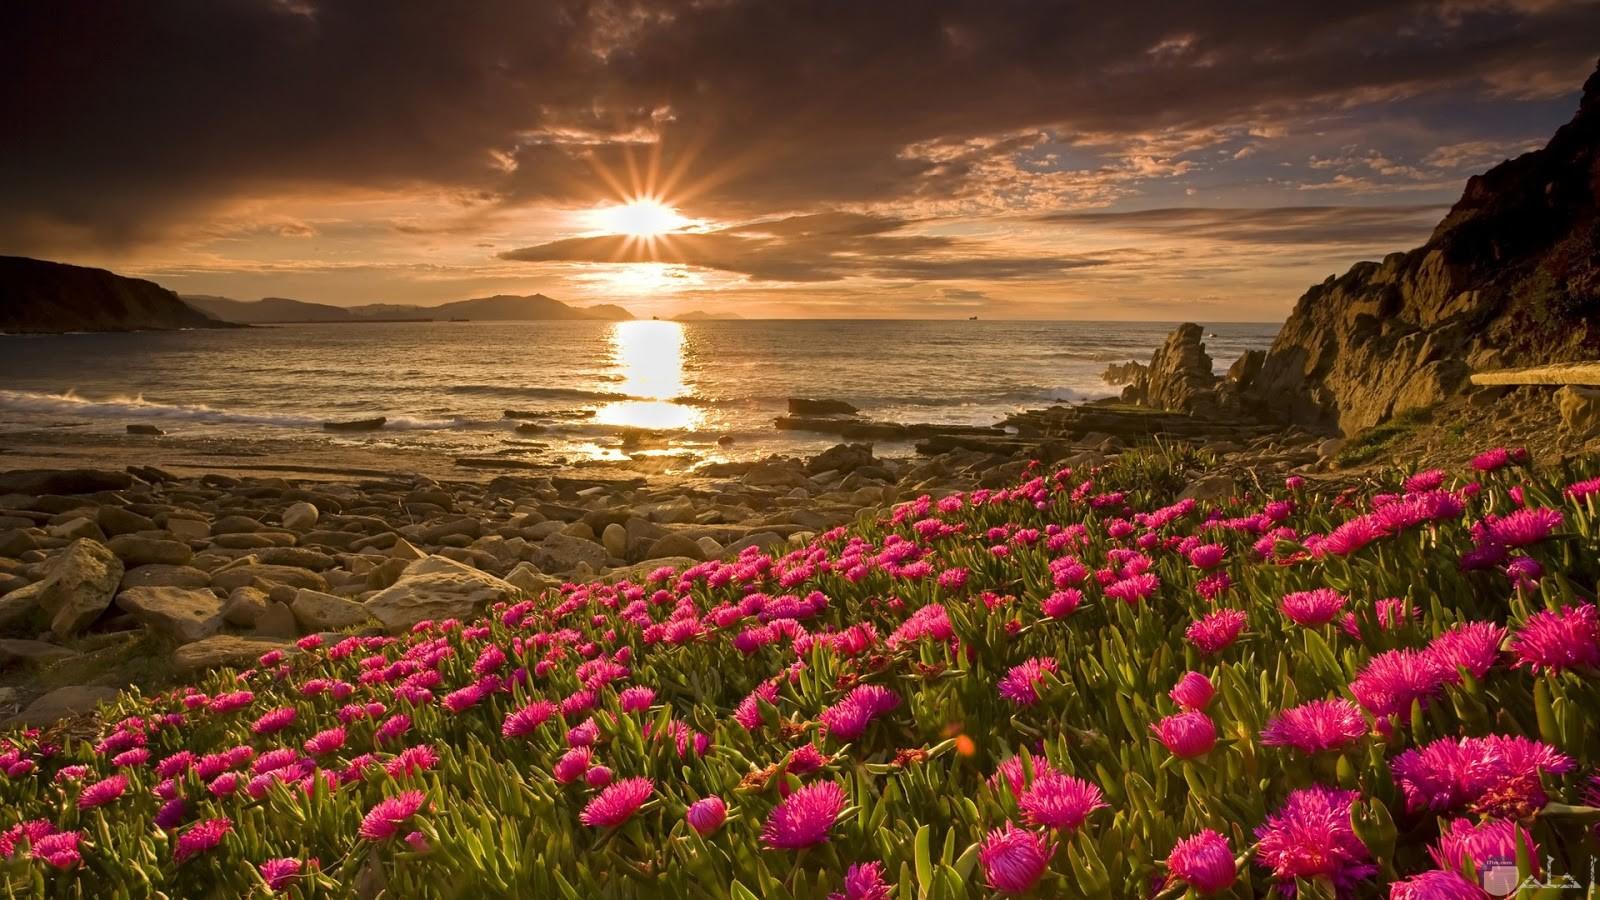 شروق الشمس يروى الزهر.